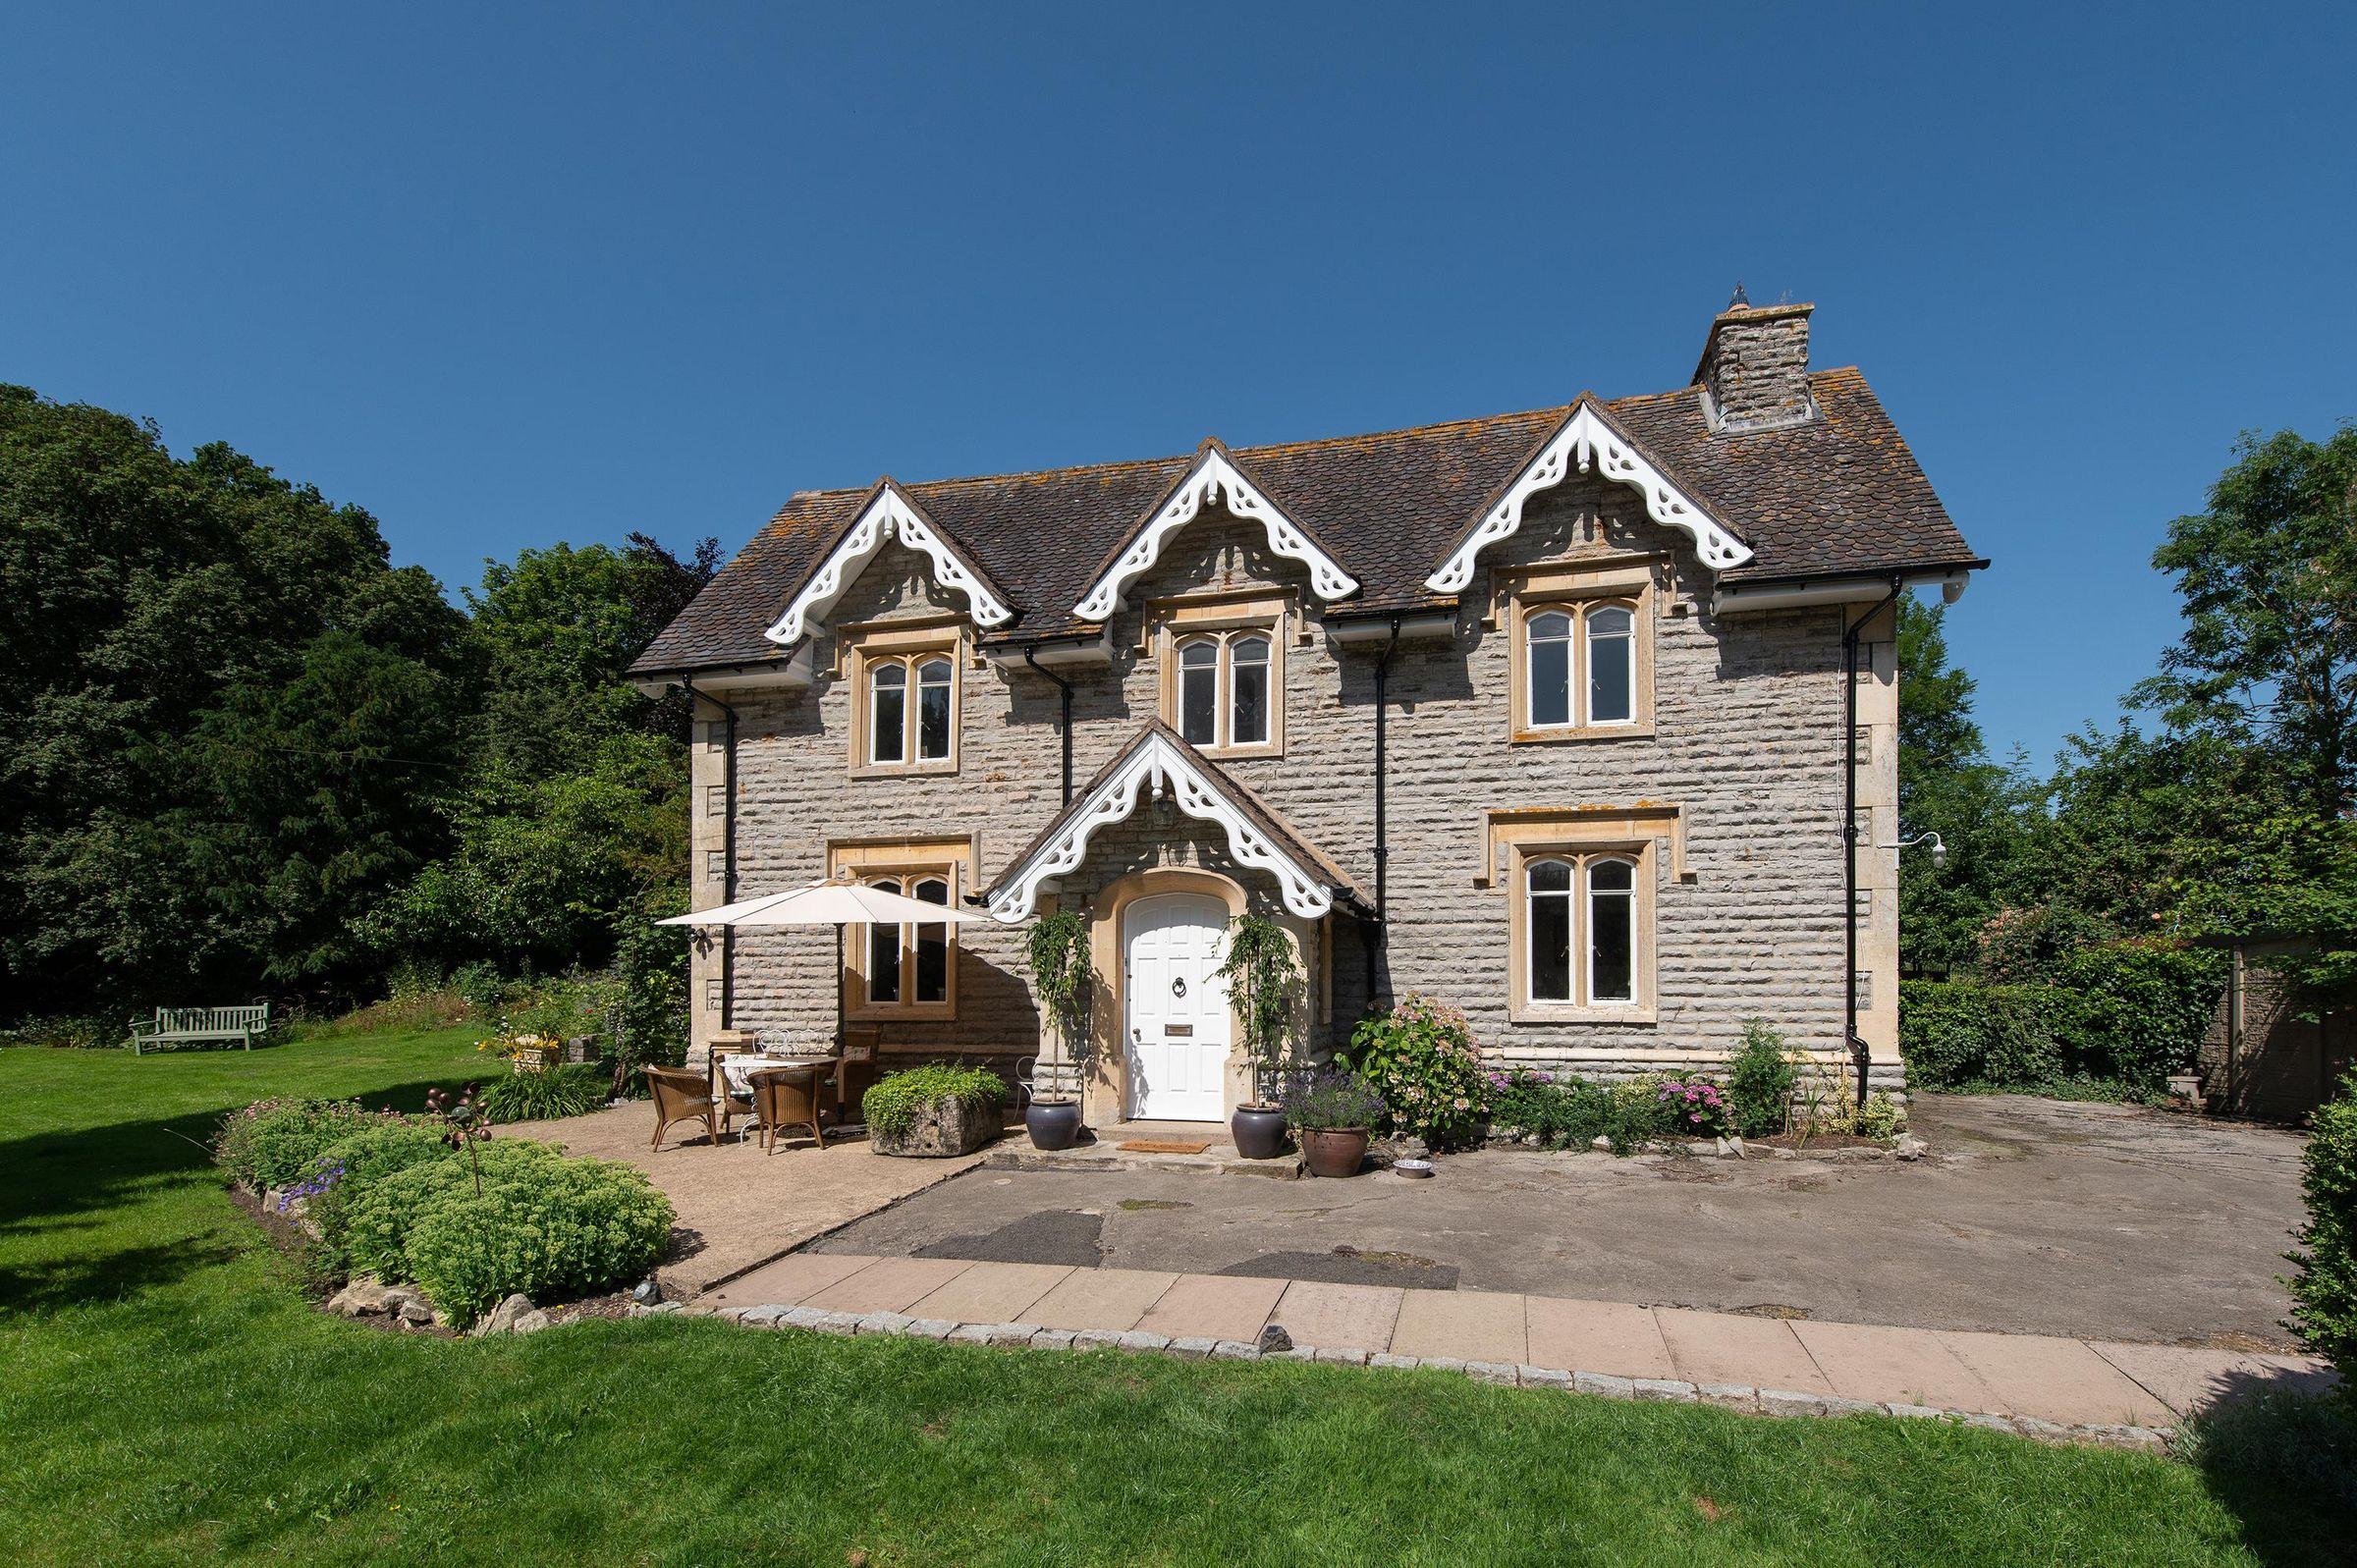 Property photo 1 of 16. Image